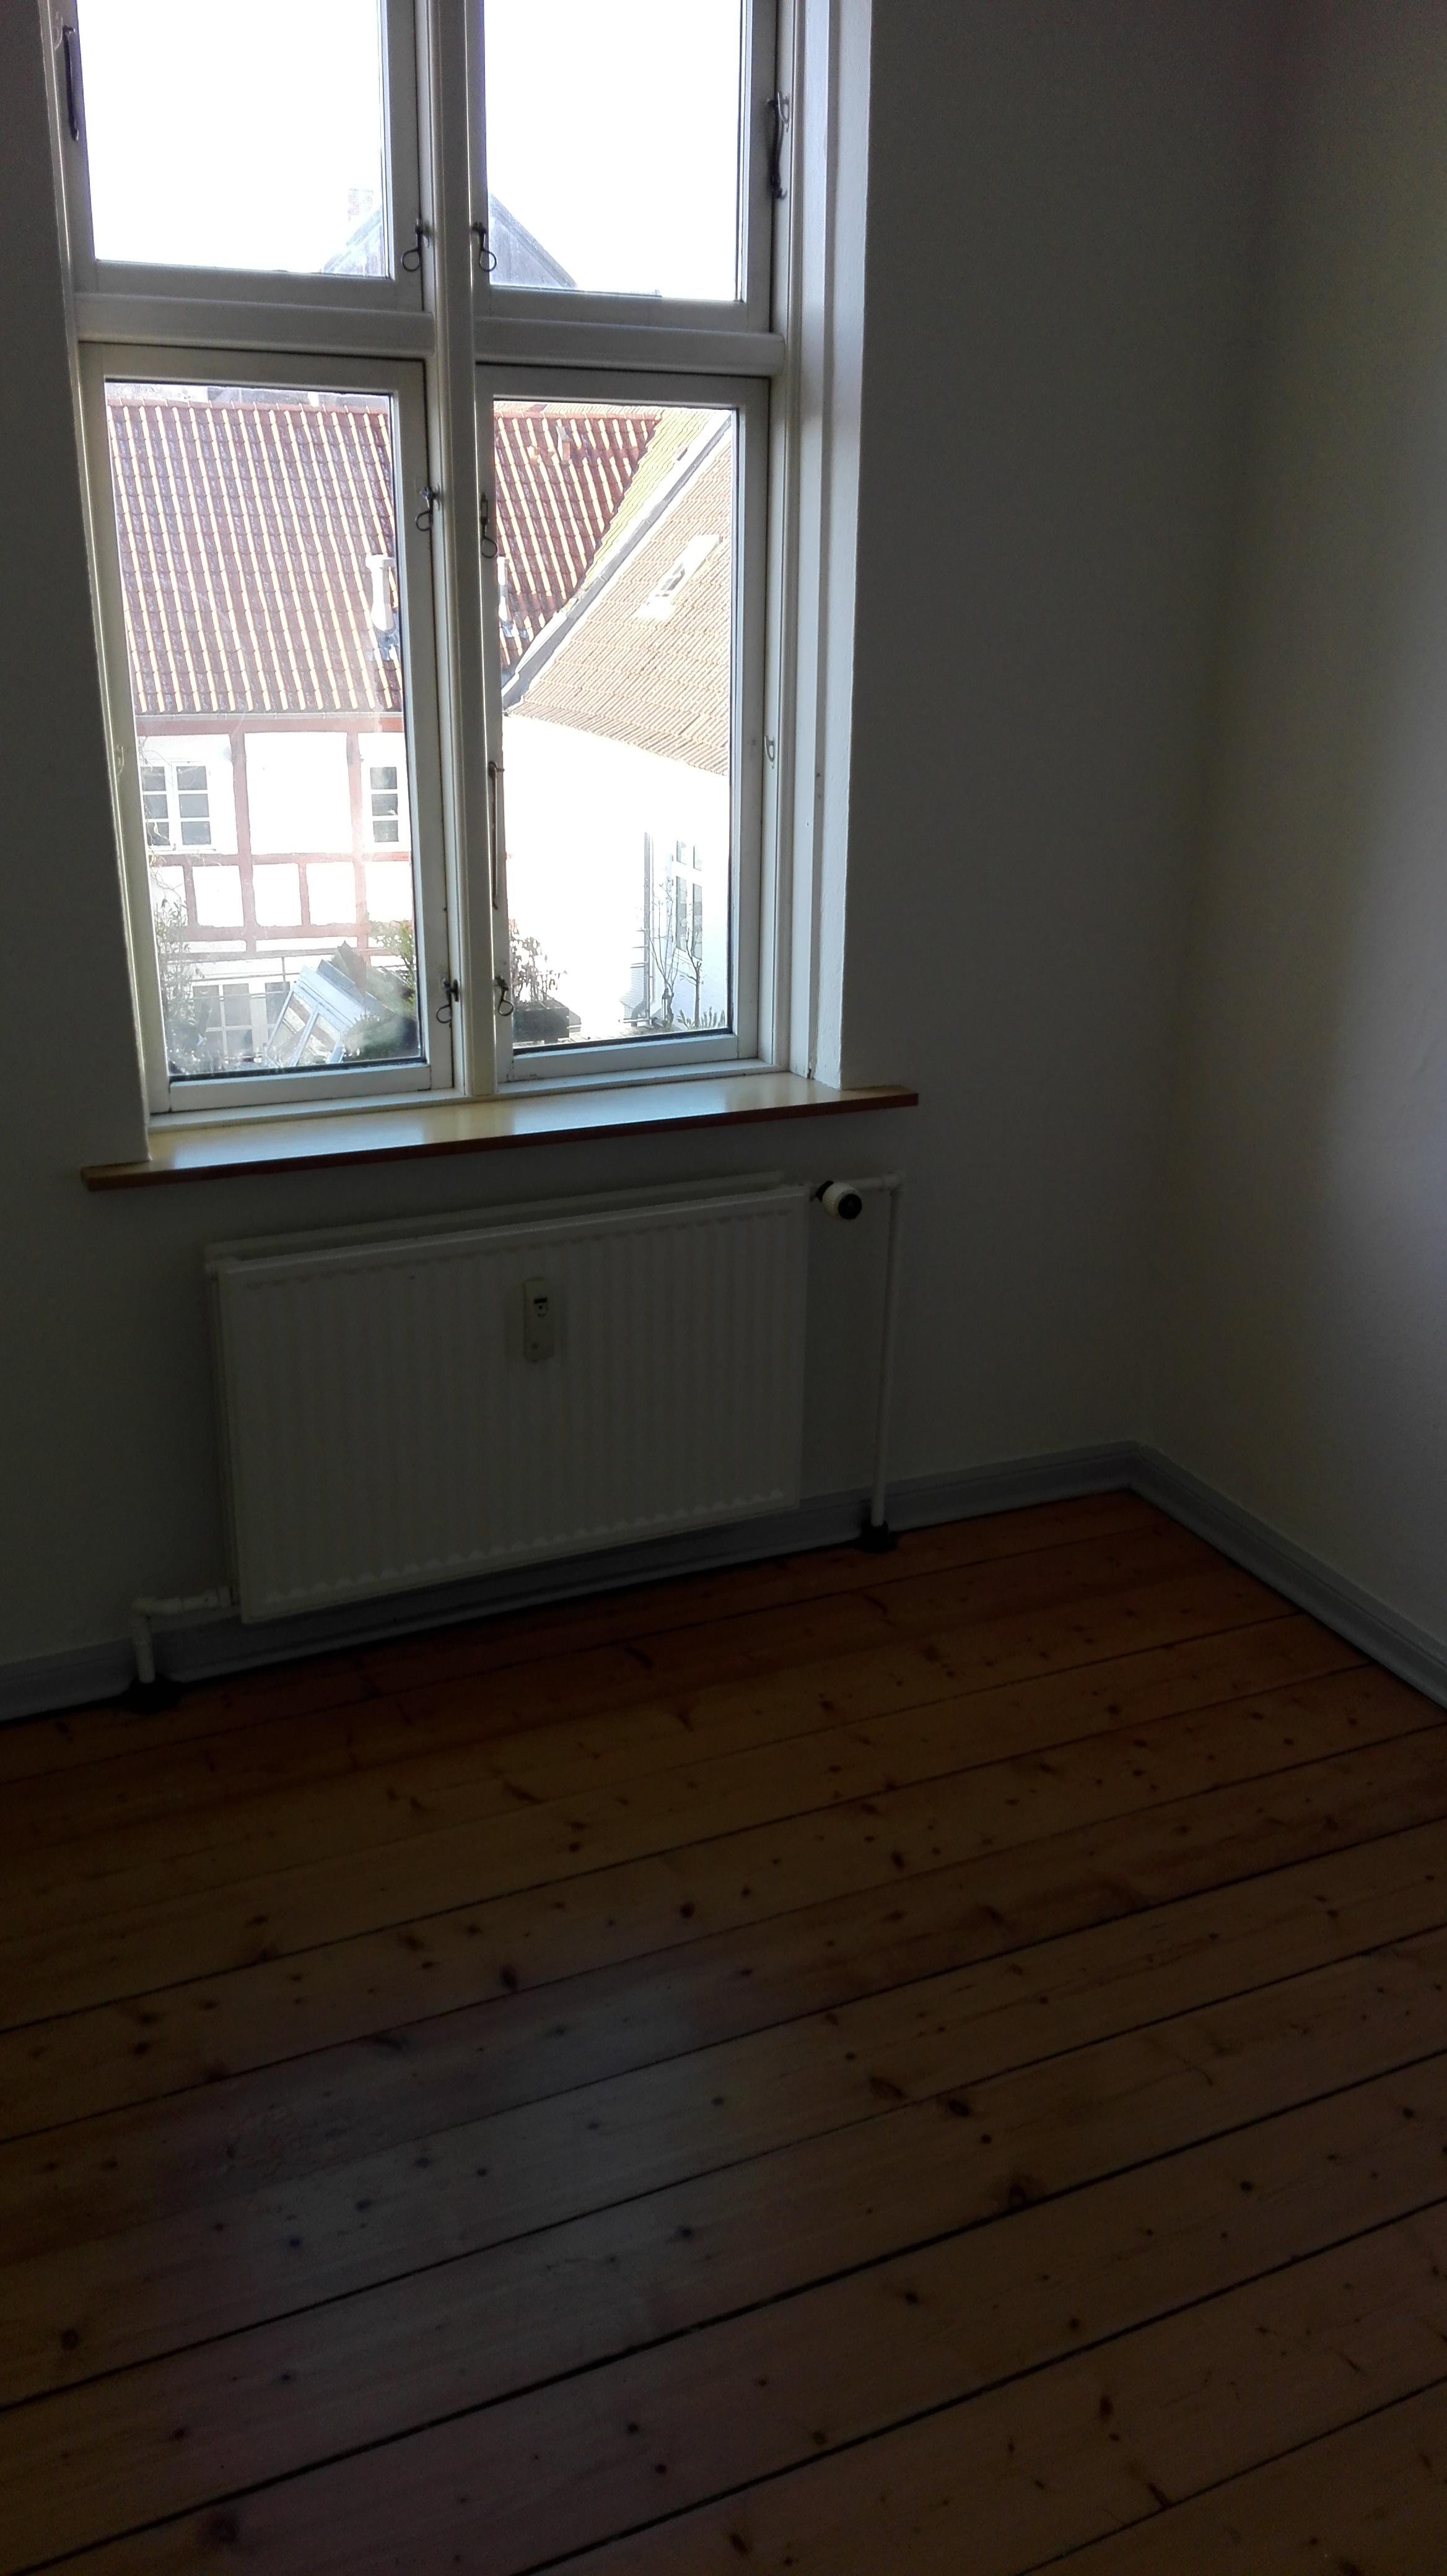 Søger roommate til lejlighed i hjertet af Aalborg